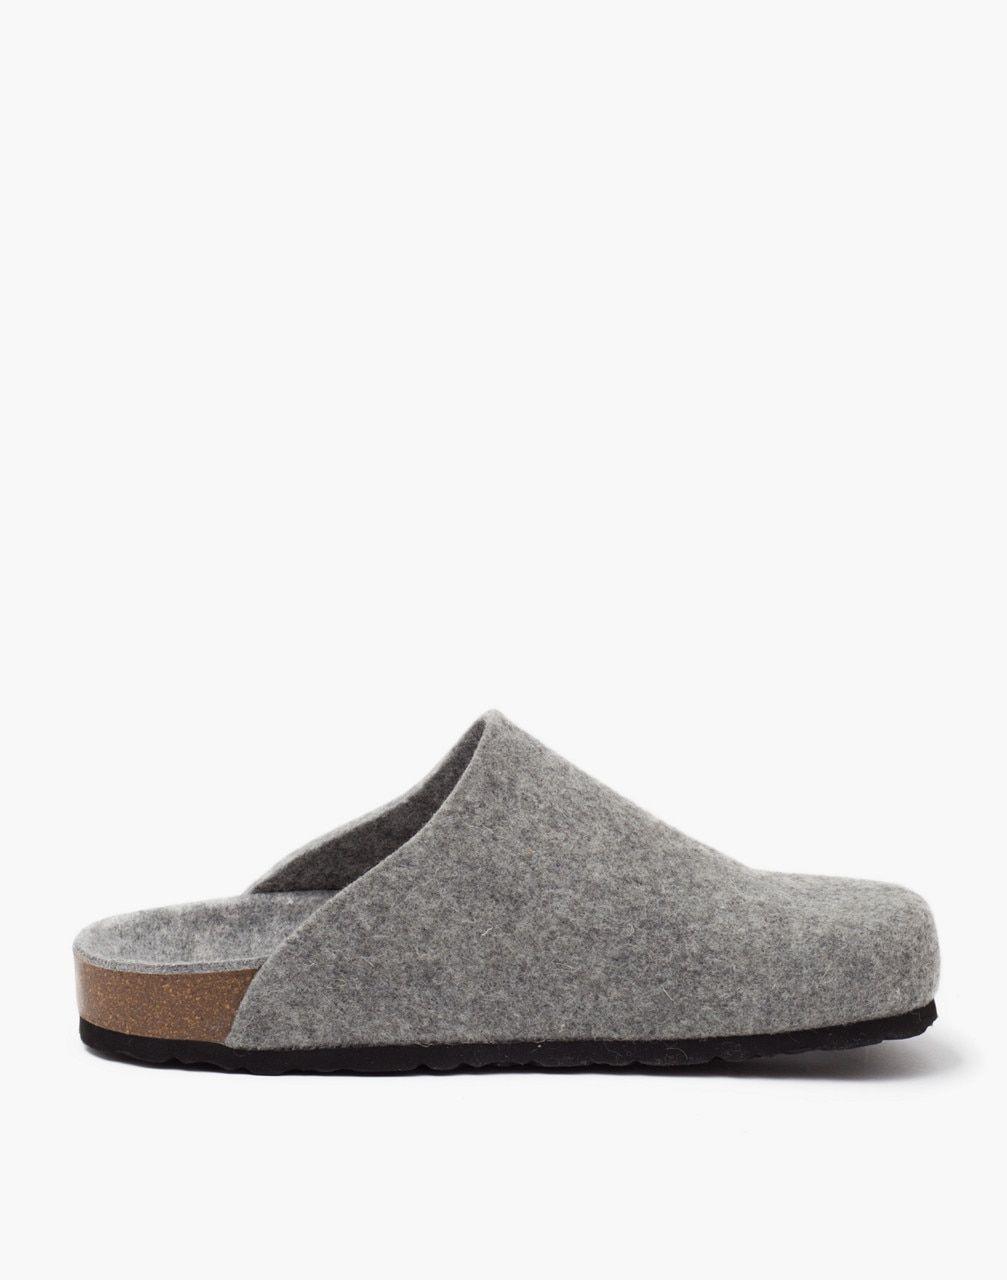 Men S Shepherd Of Sweden Felted Wool Morgan Slippers Clogs Style Wool Felt Slippers